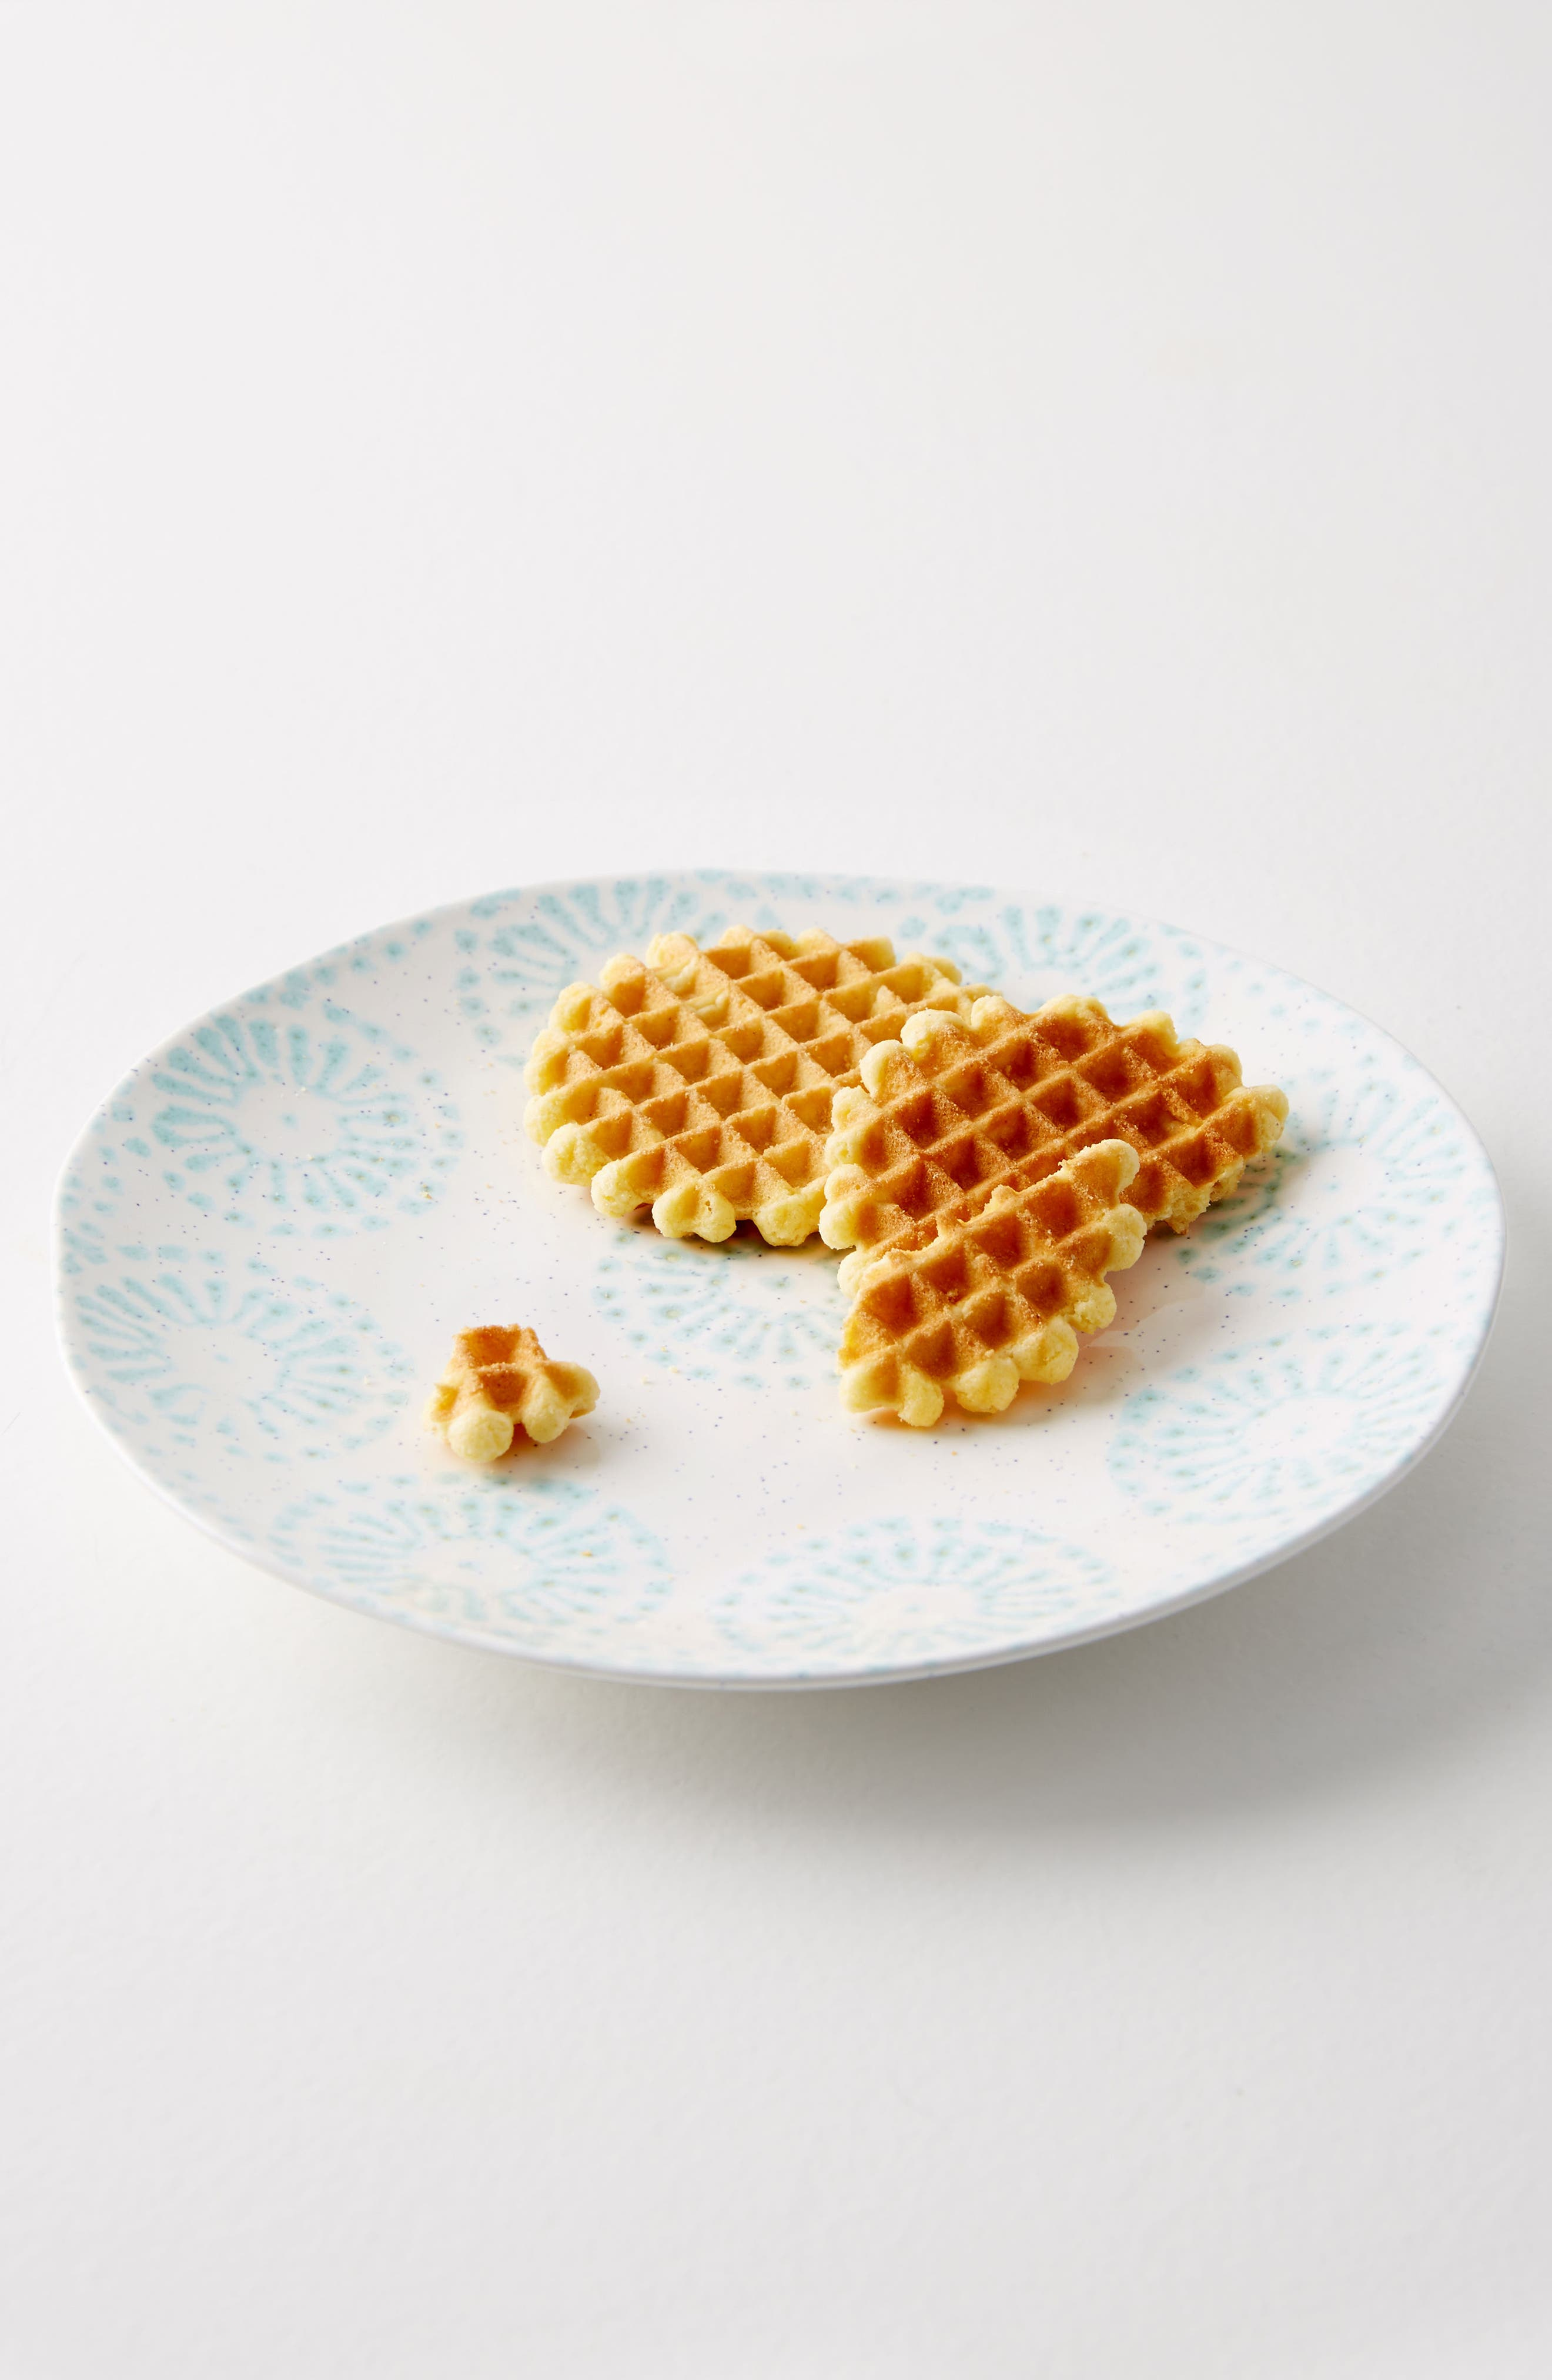 Tacola Canapé Plate,                             Alternate thumbnail 4, color,